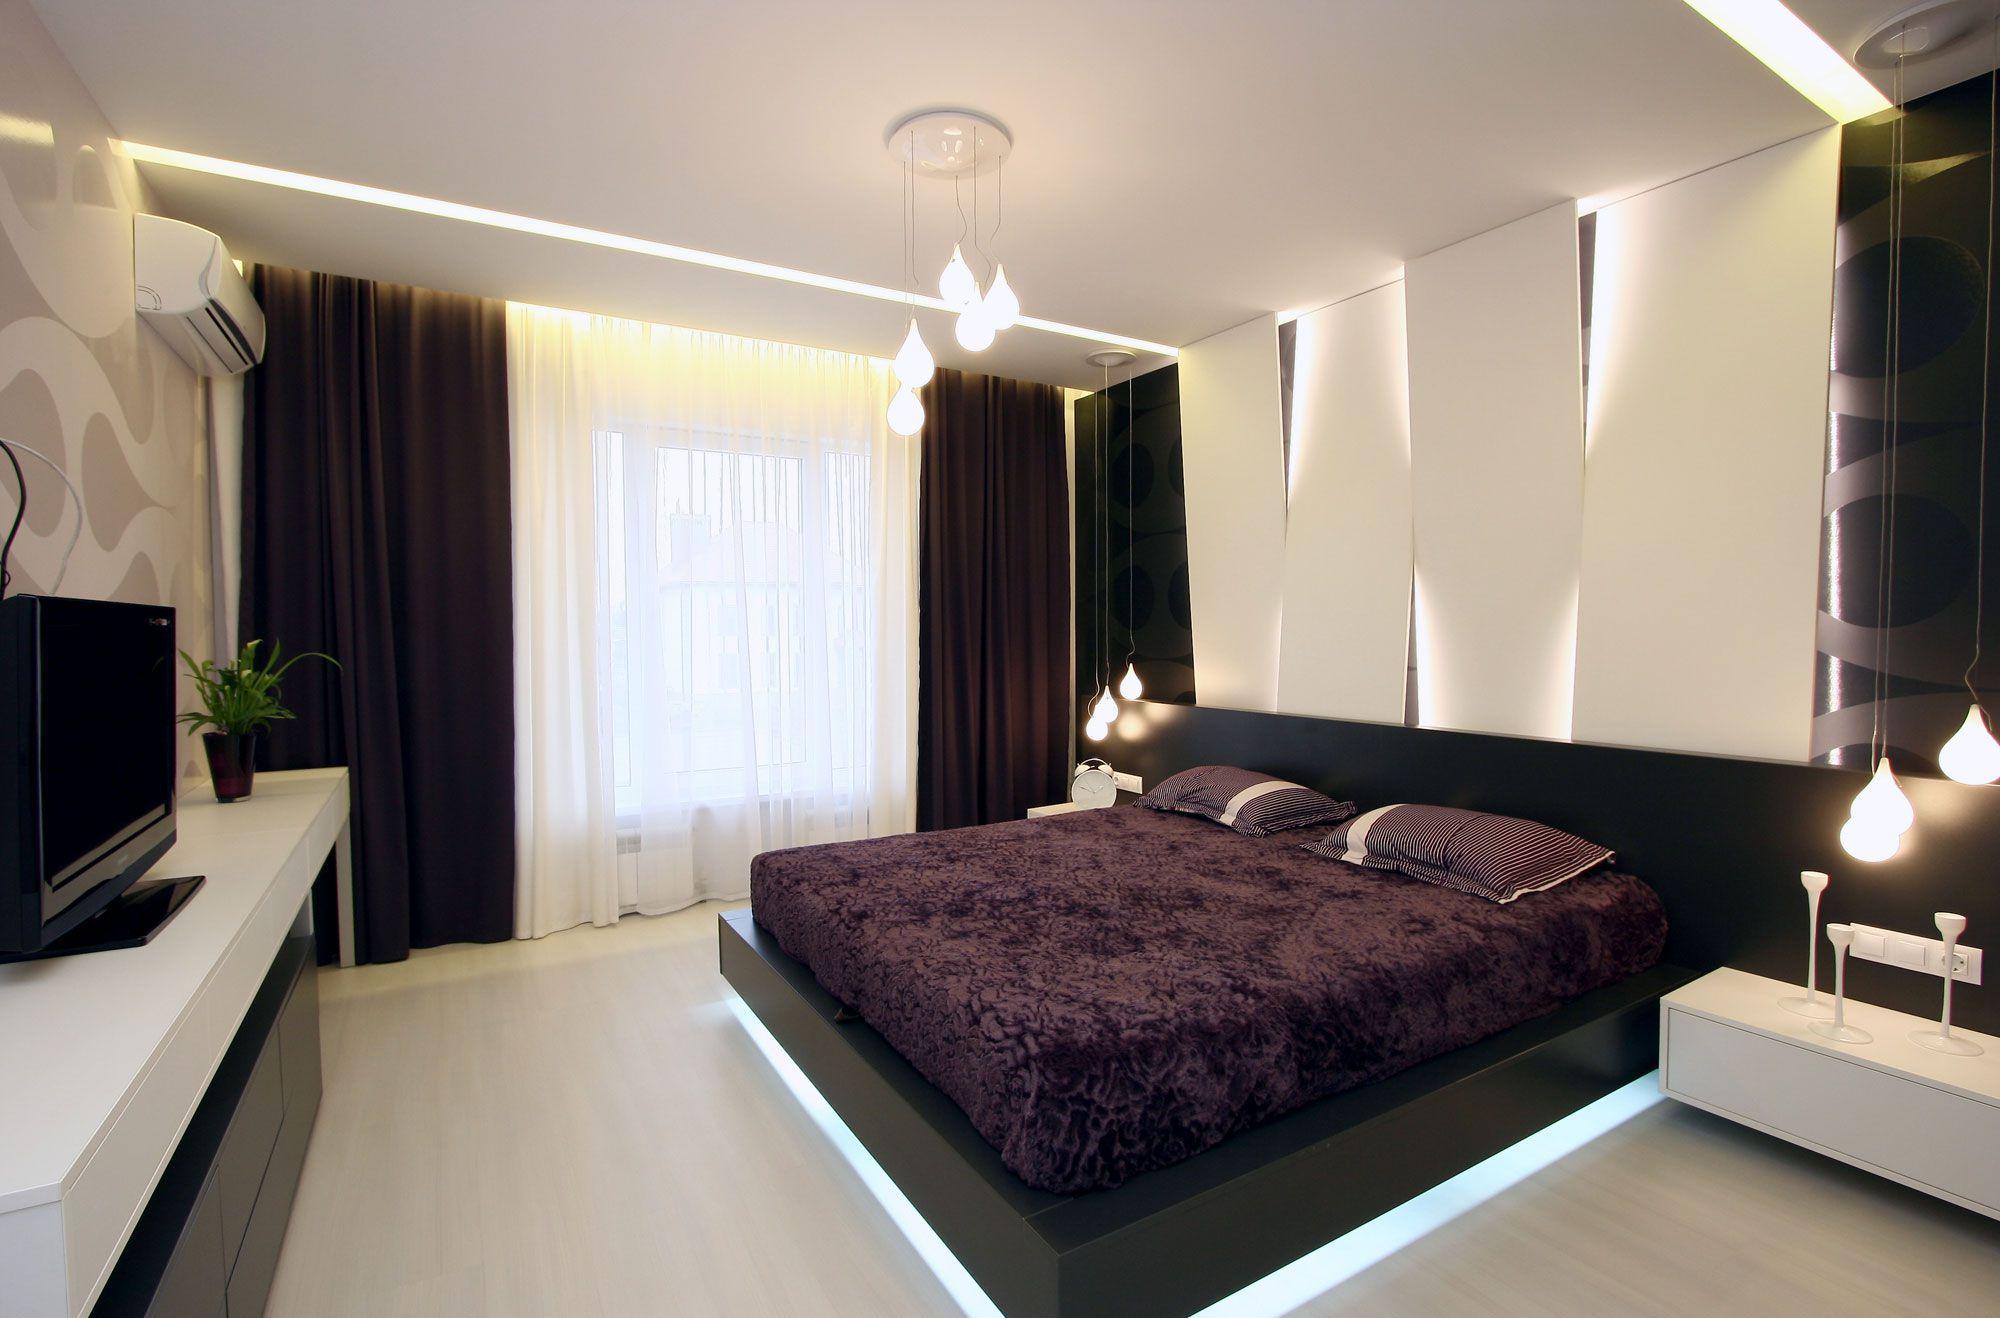 Черный, белый и фиолетовый цвета в интерьере спальни